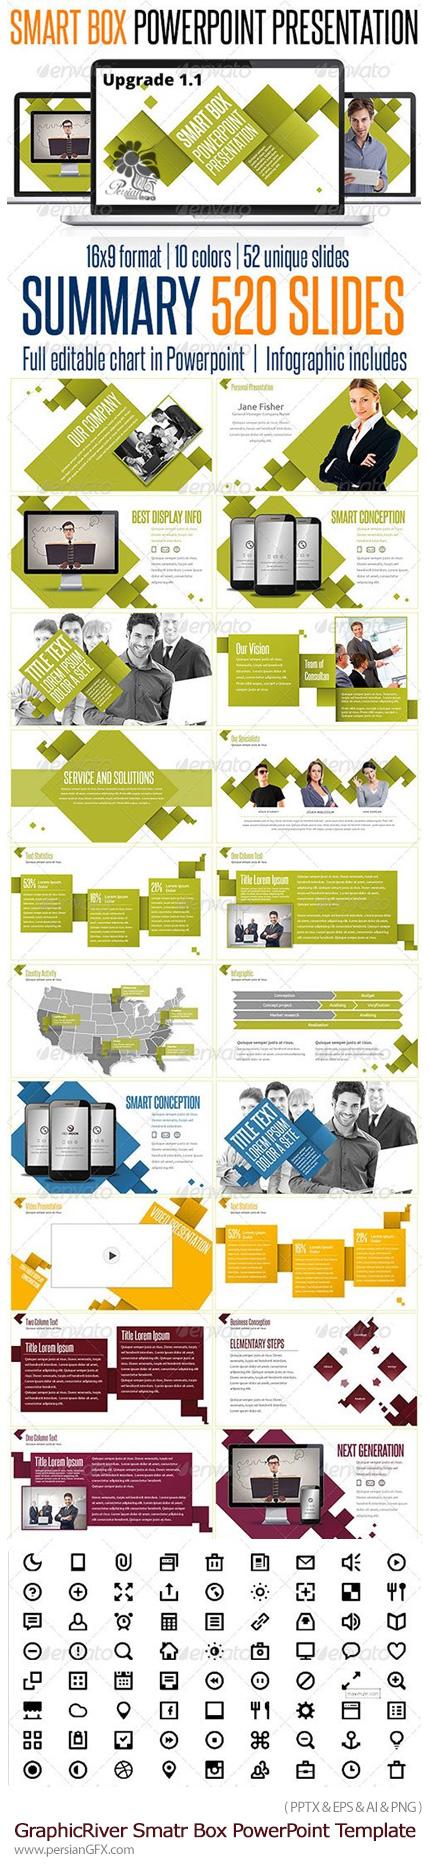 دانلود مجموعه قالب های آماده تجاری پاورپوینت از گرافیک ریور - GraphicRiver Smatr Box PowerPoint Presentation Template